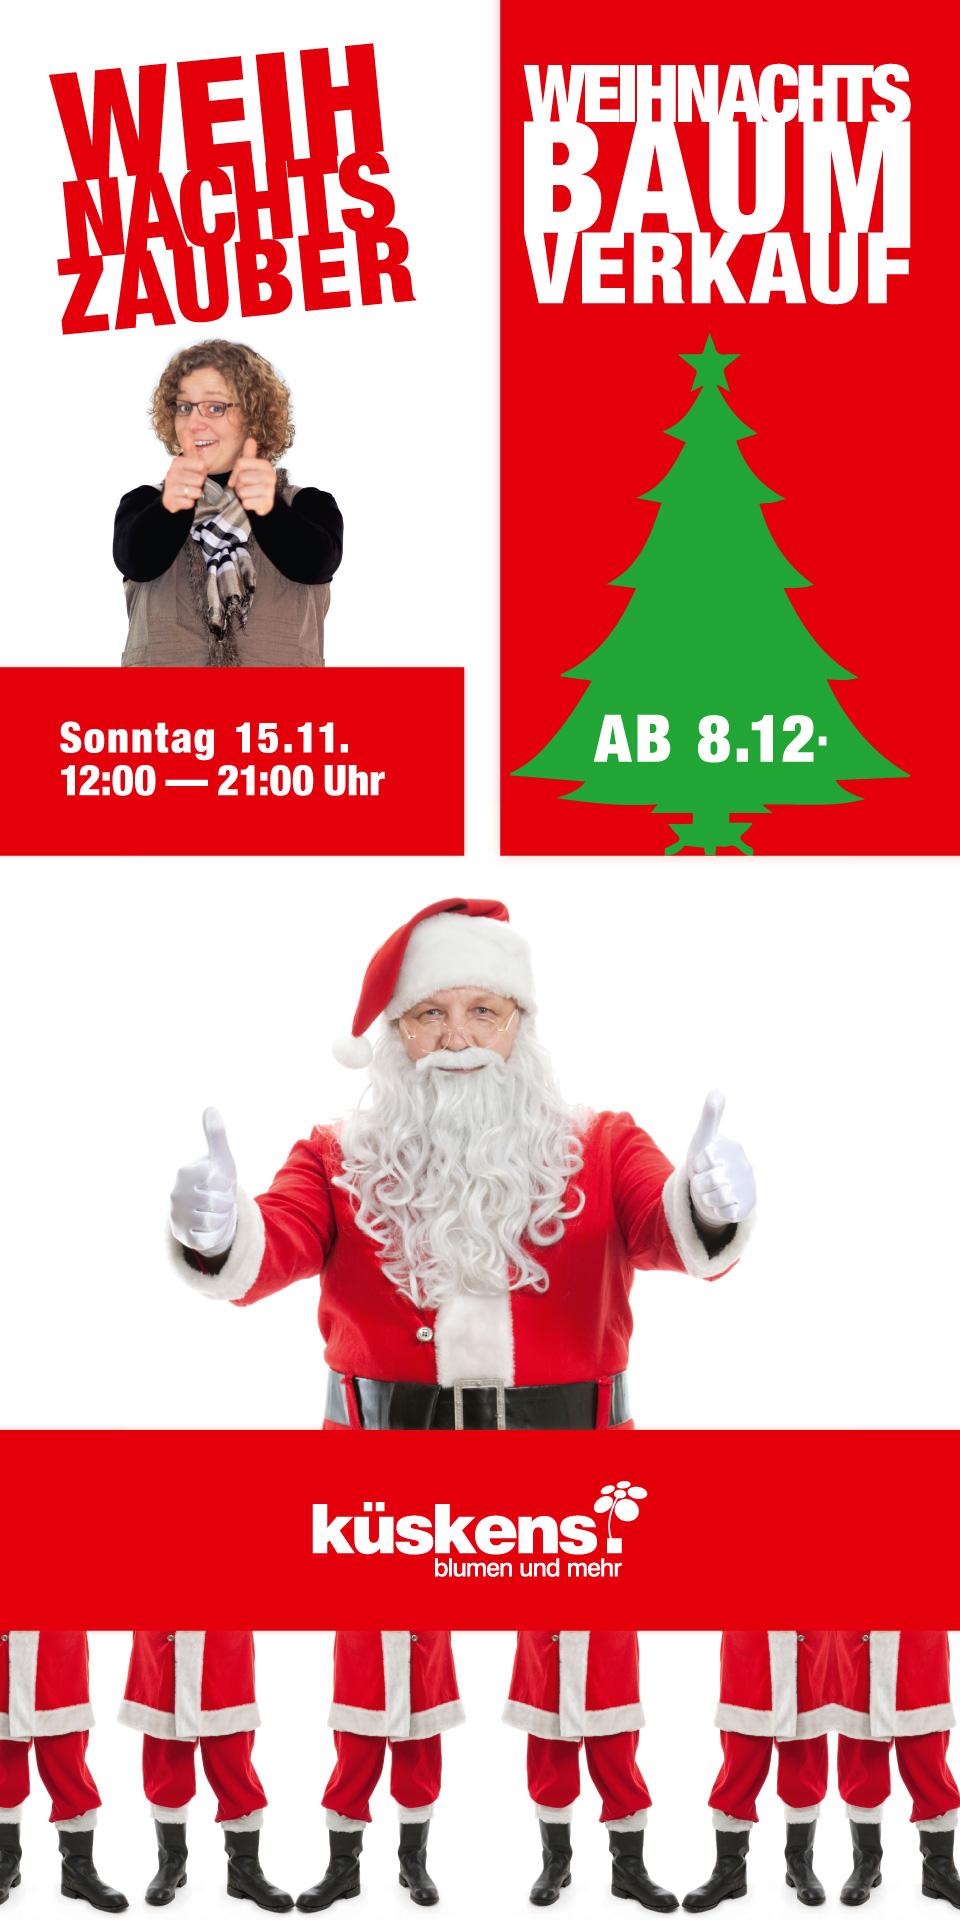 20151023-1x2m-weihnachtsbaum-und-weihnachtszauber_3